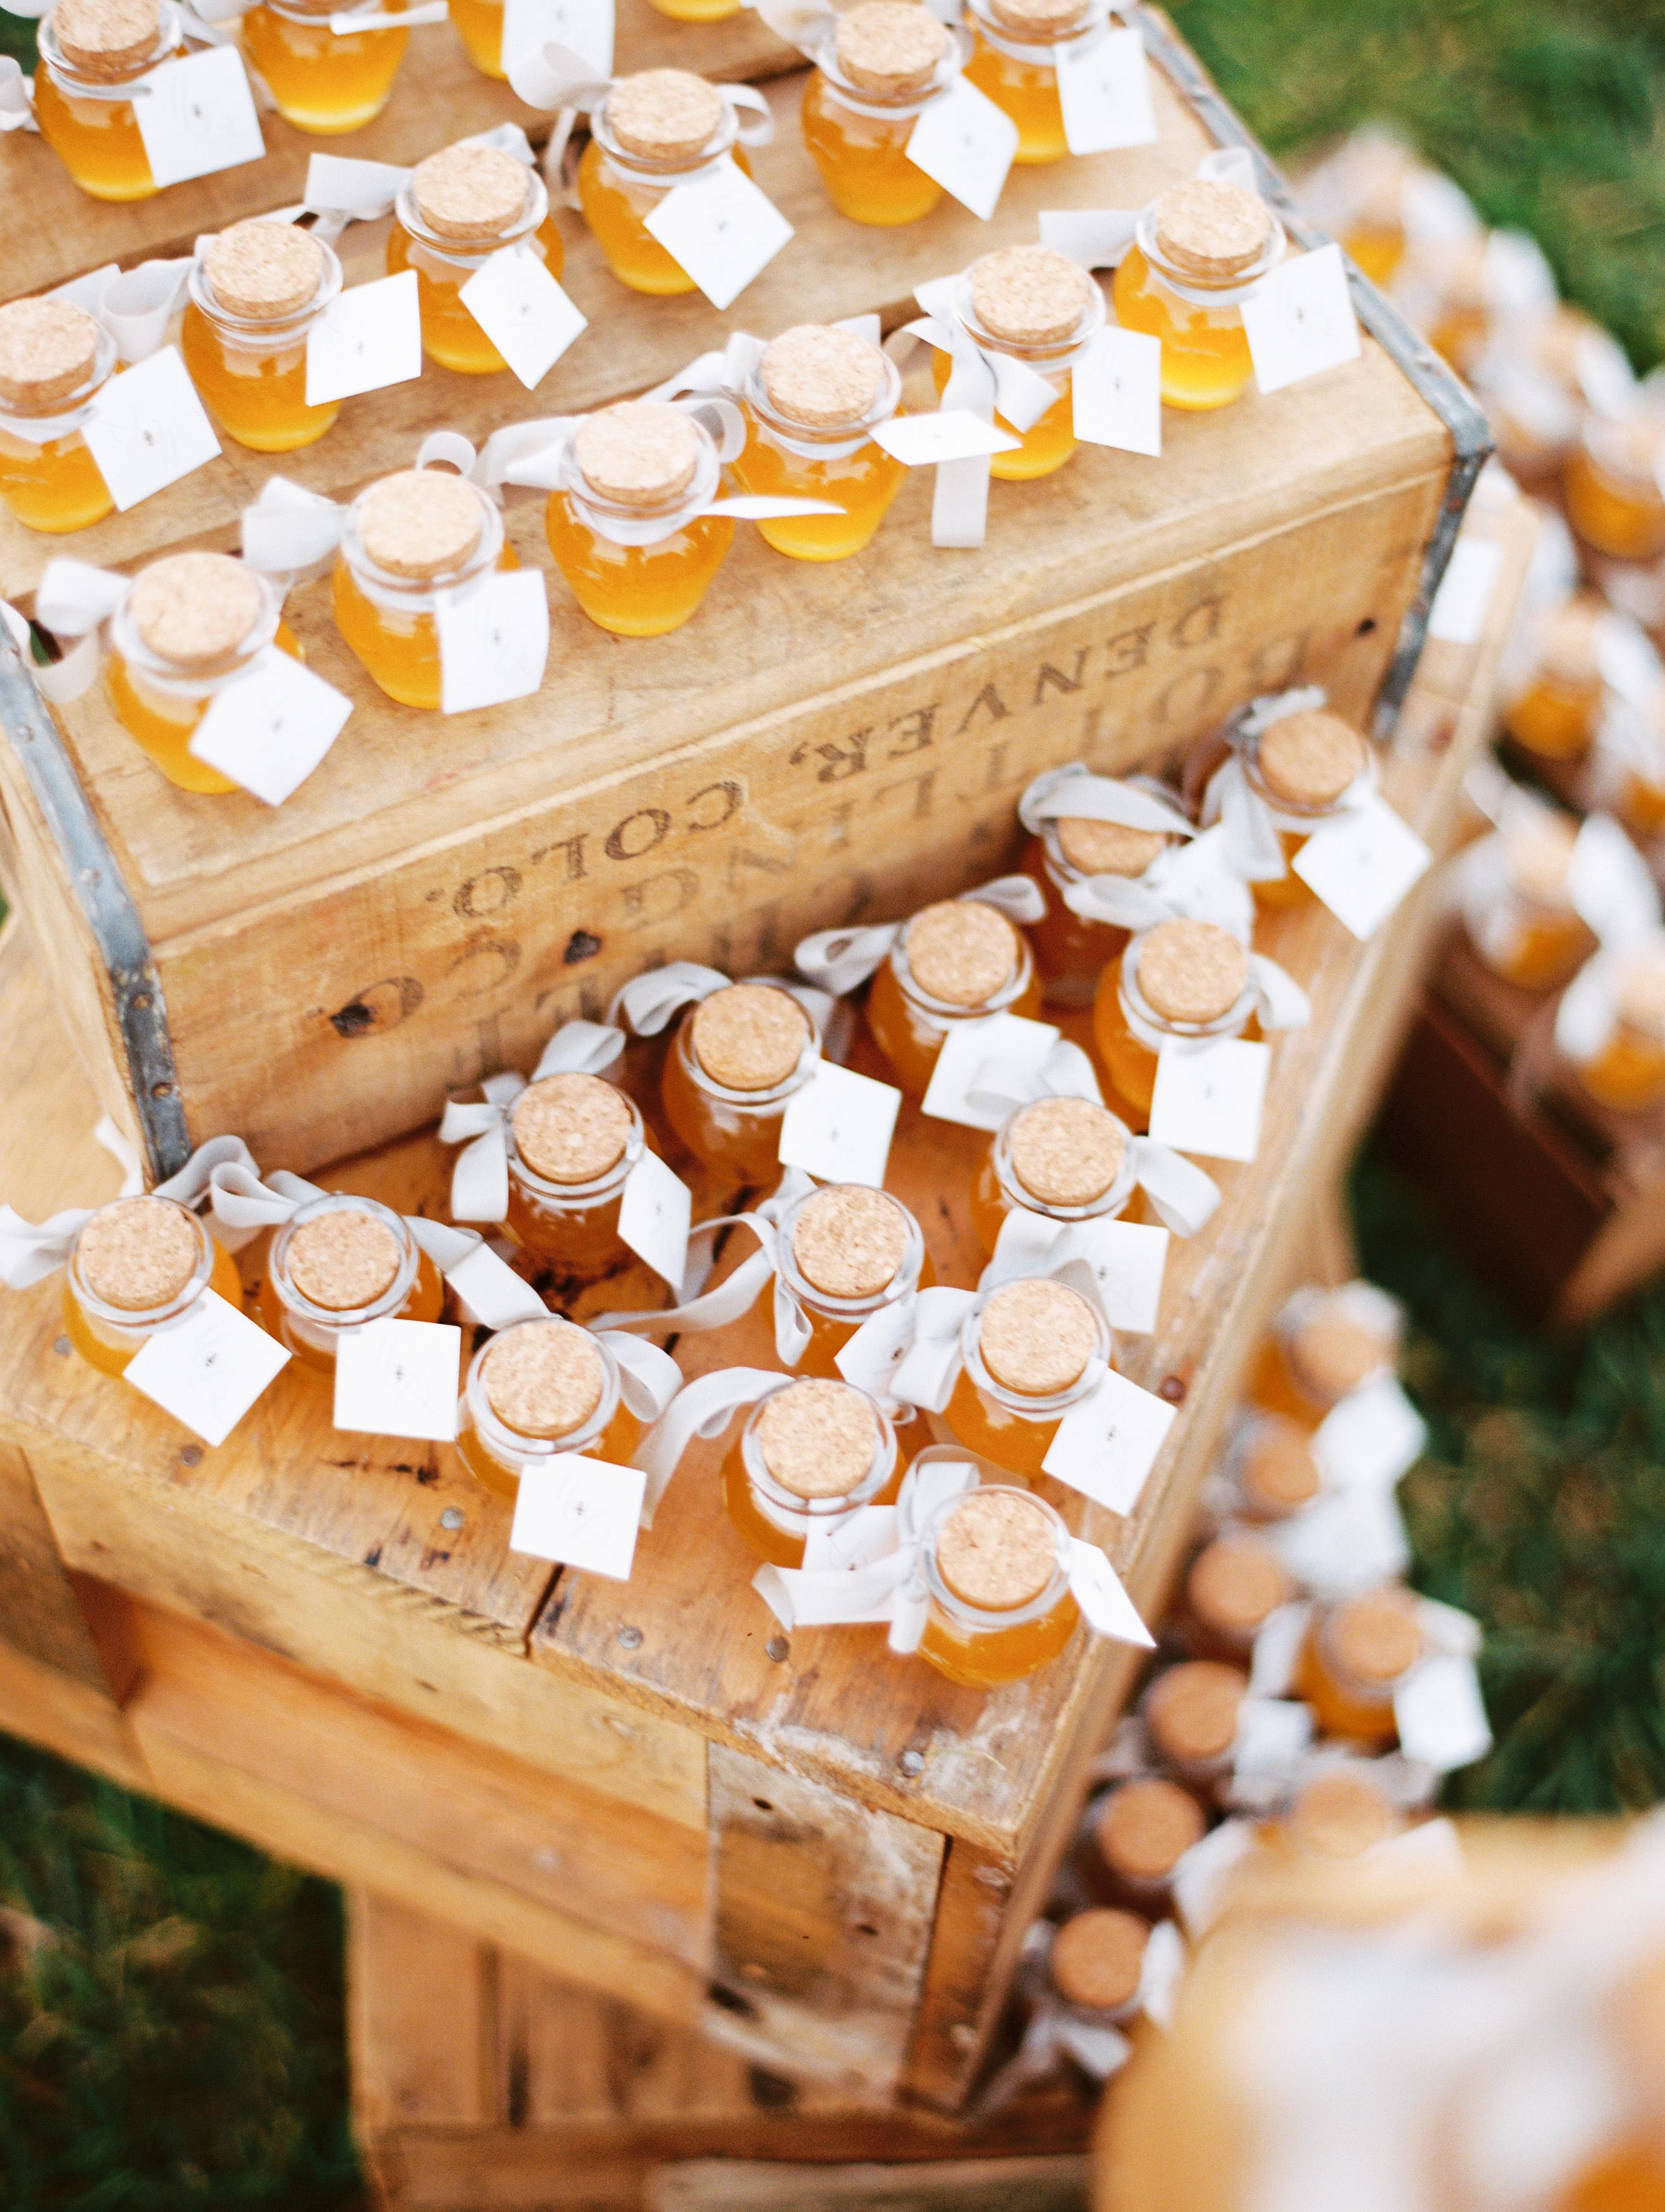 favors honey jars wooden crates